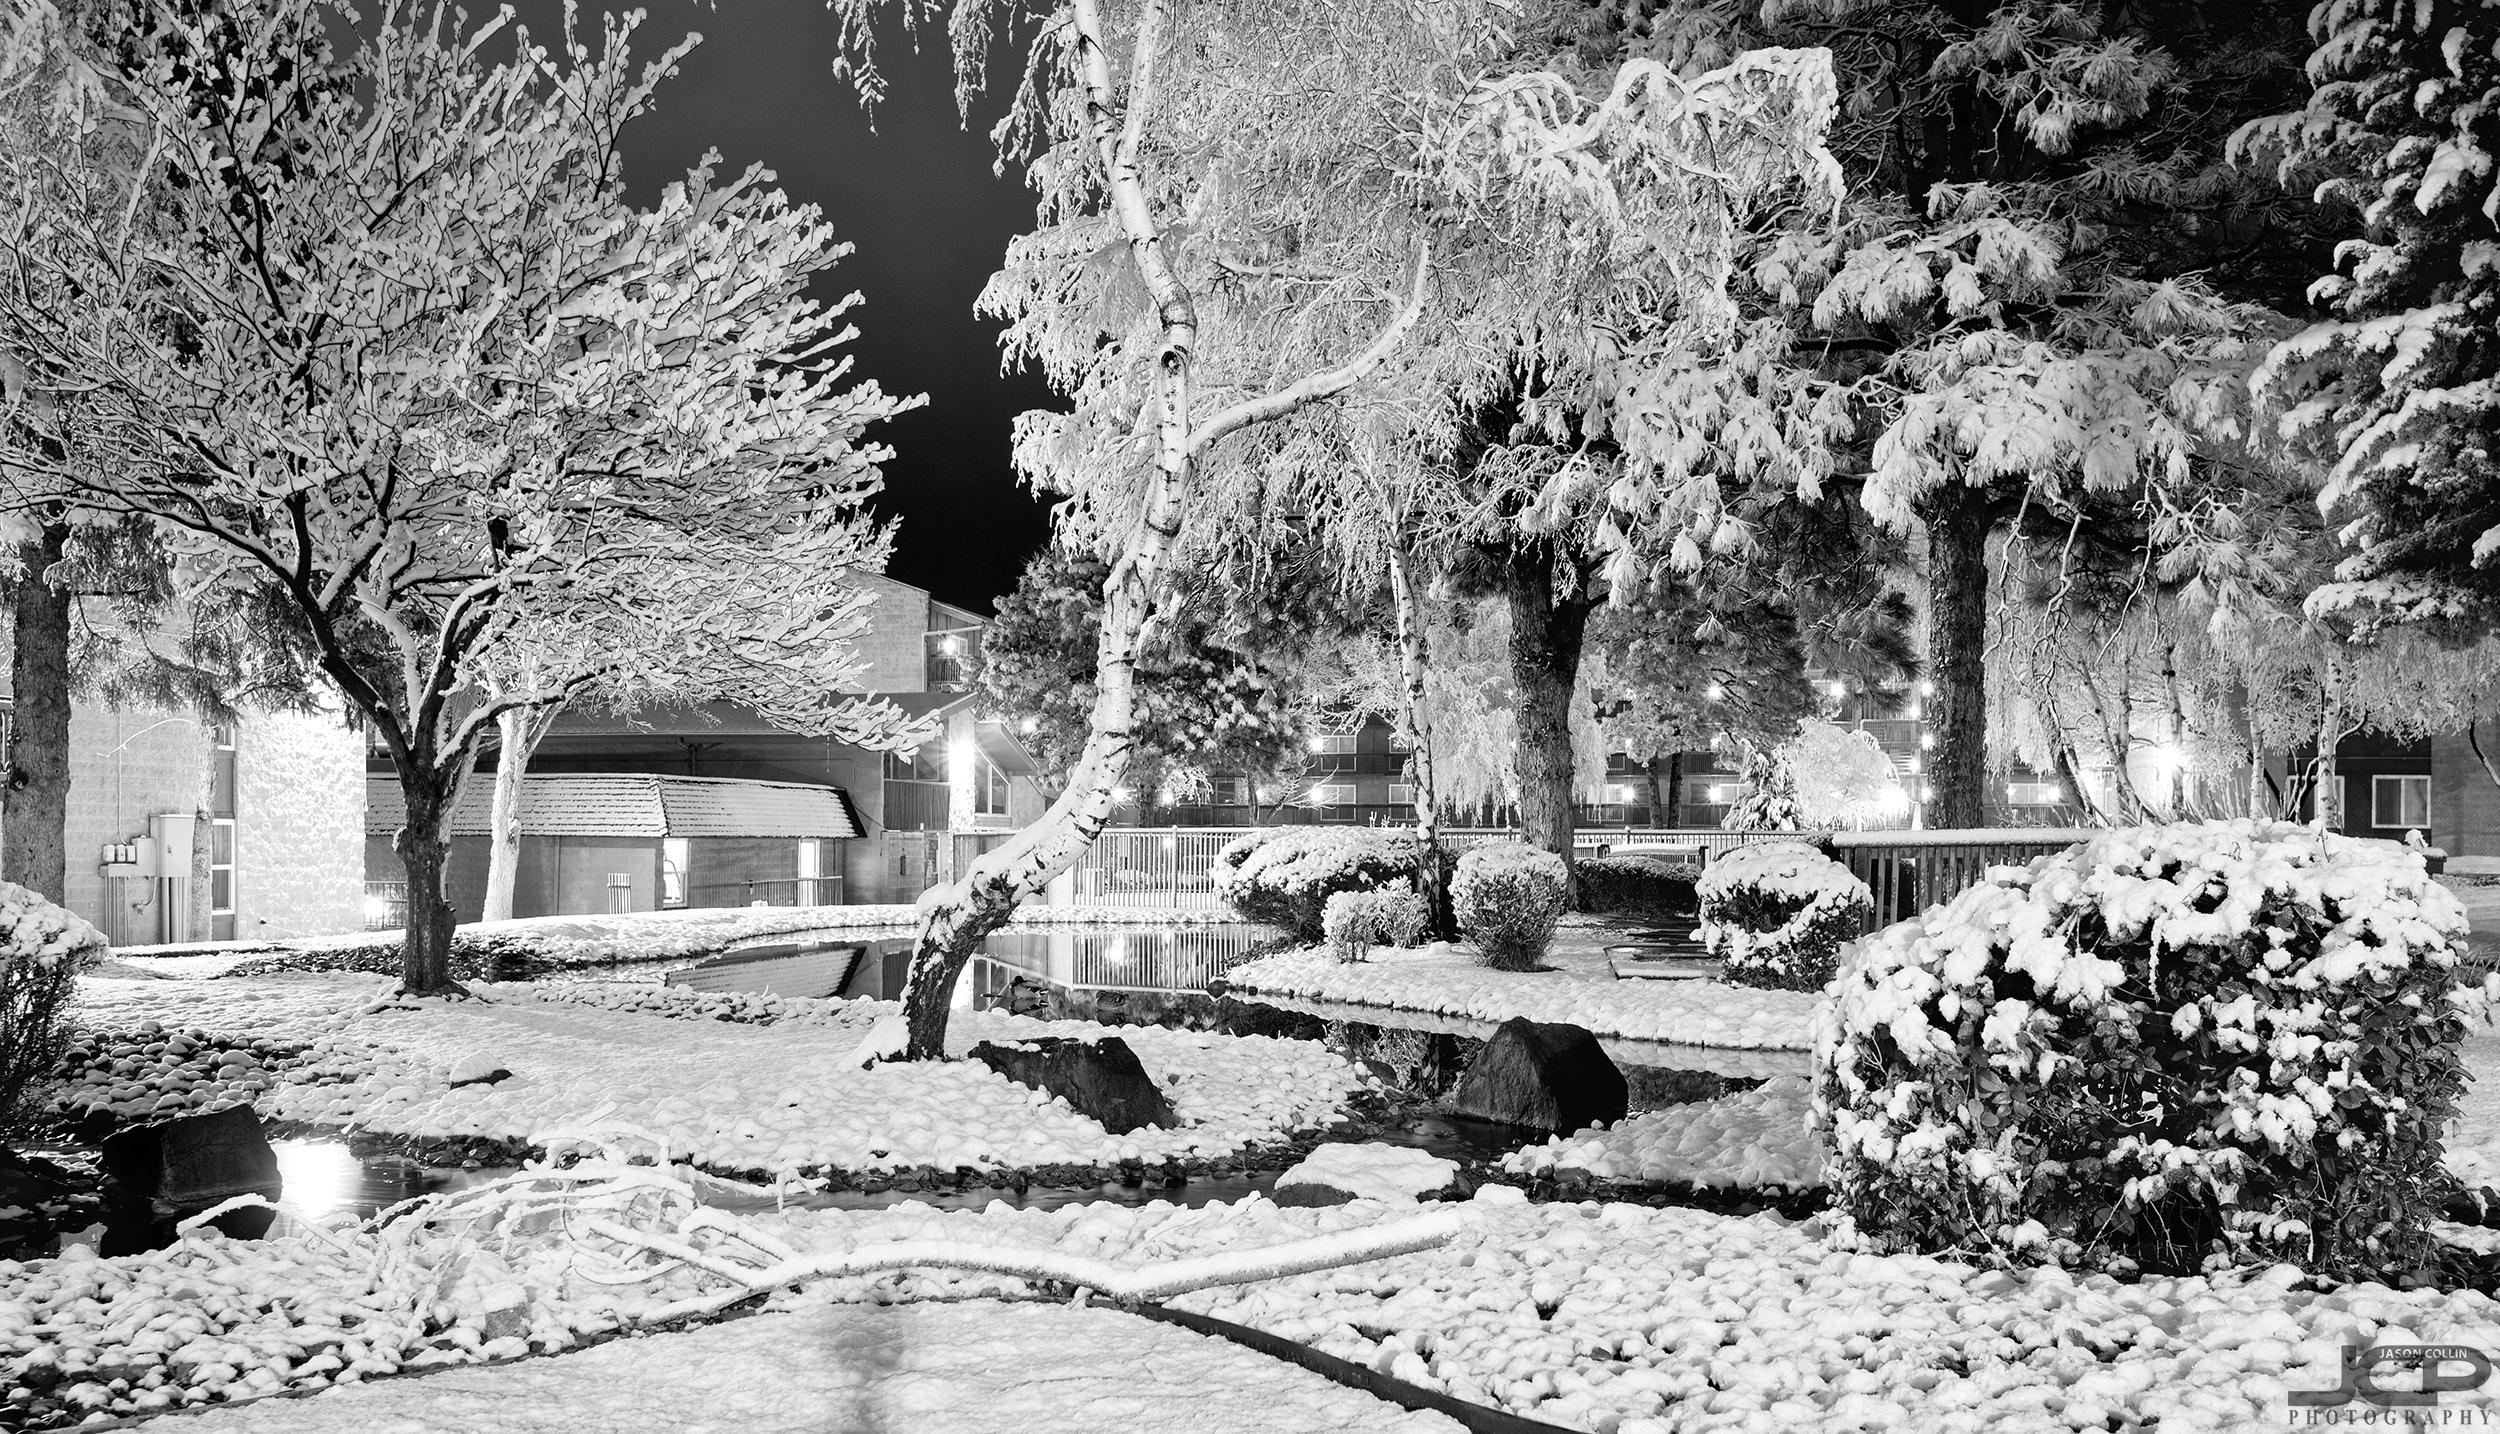 snow-2-22-2019-abq-121421.jpg